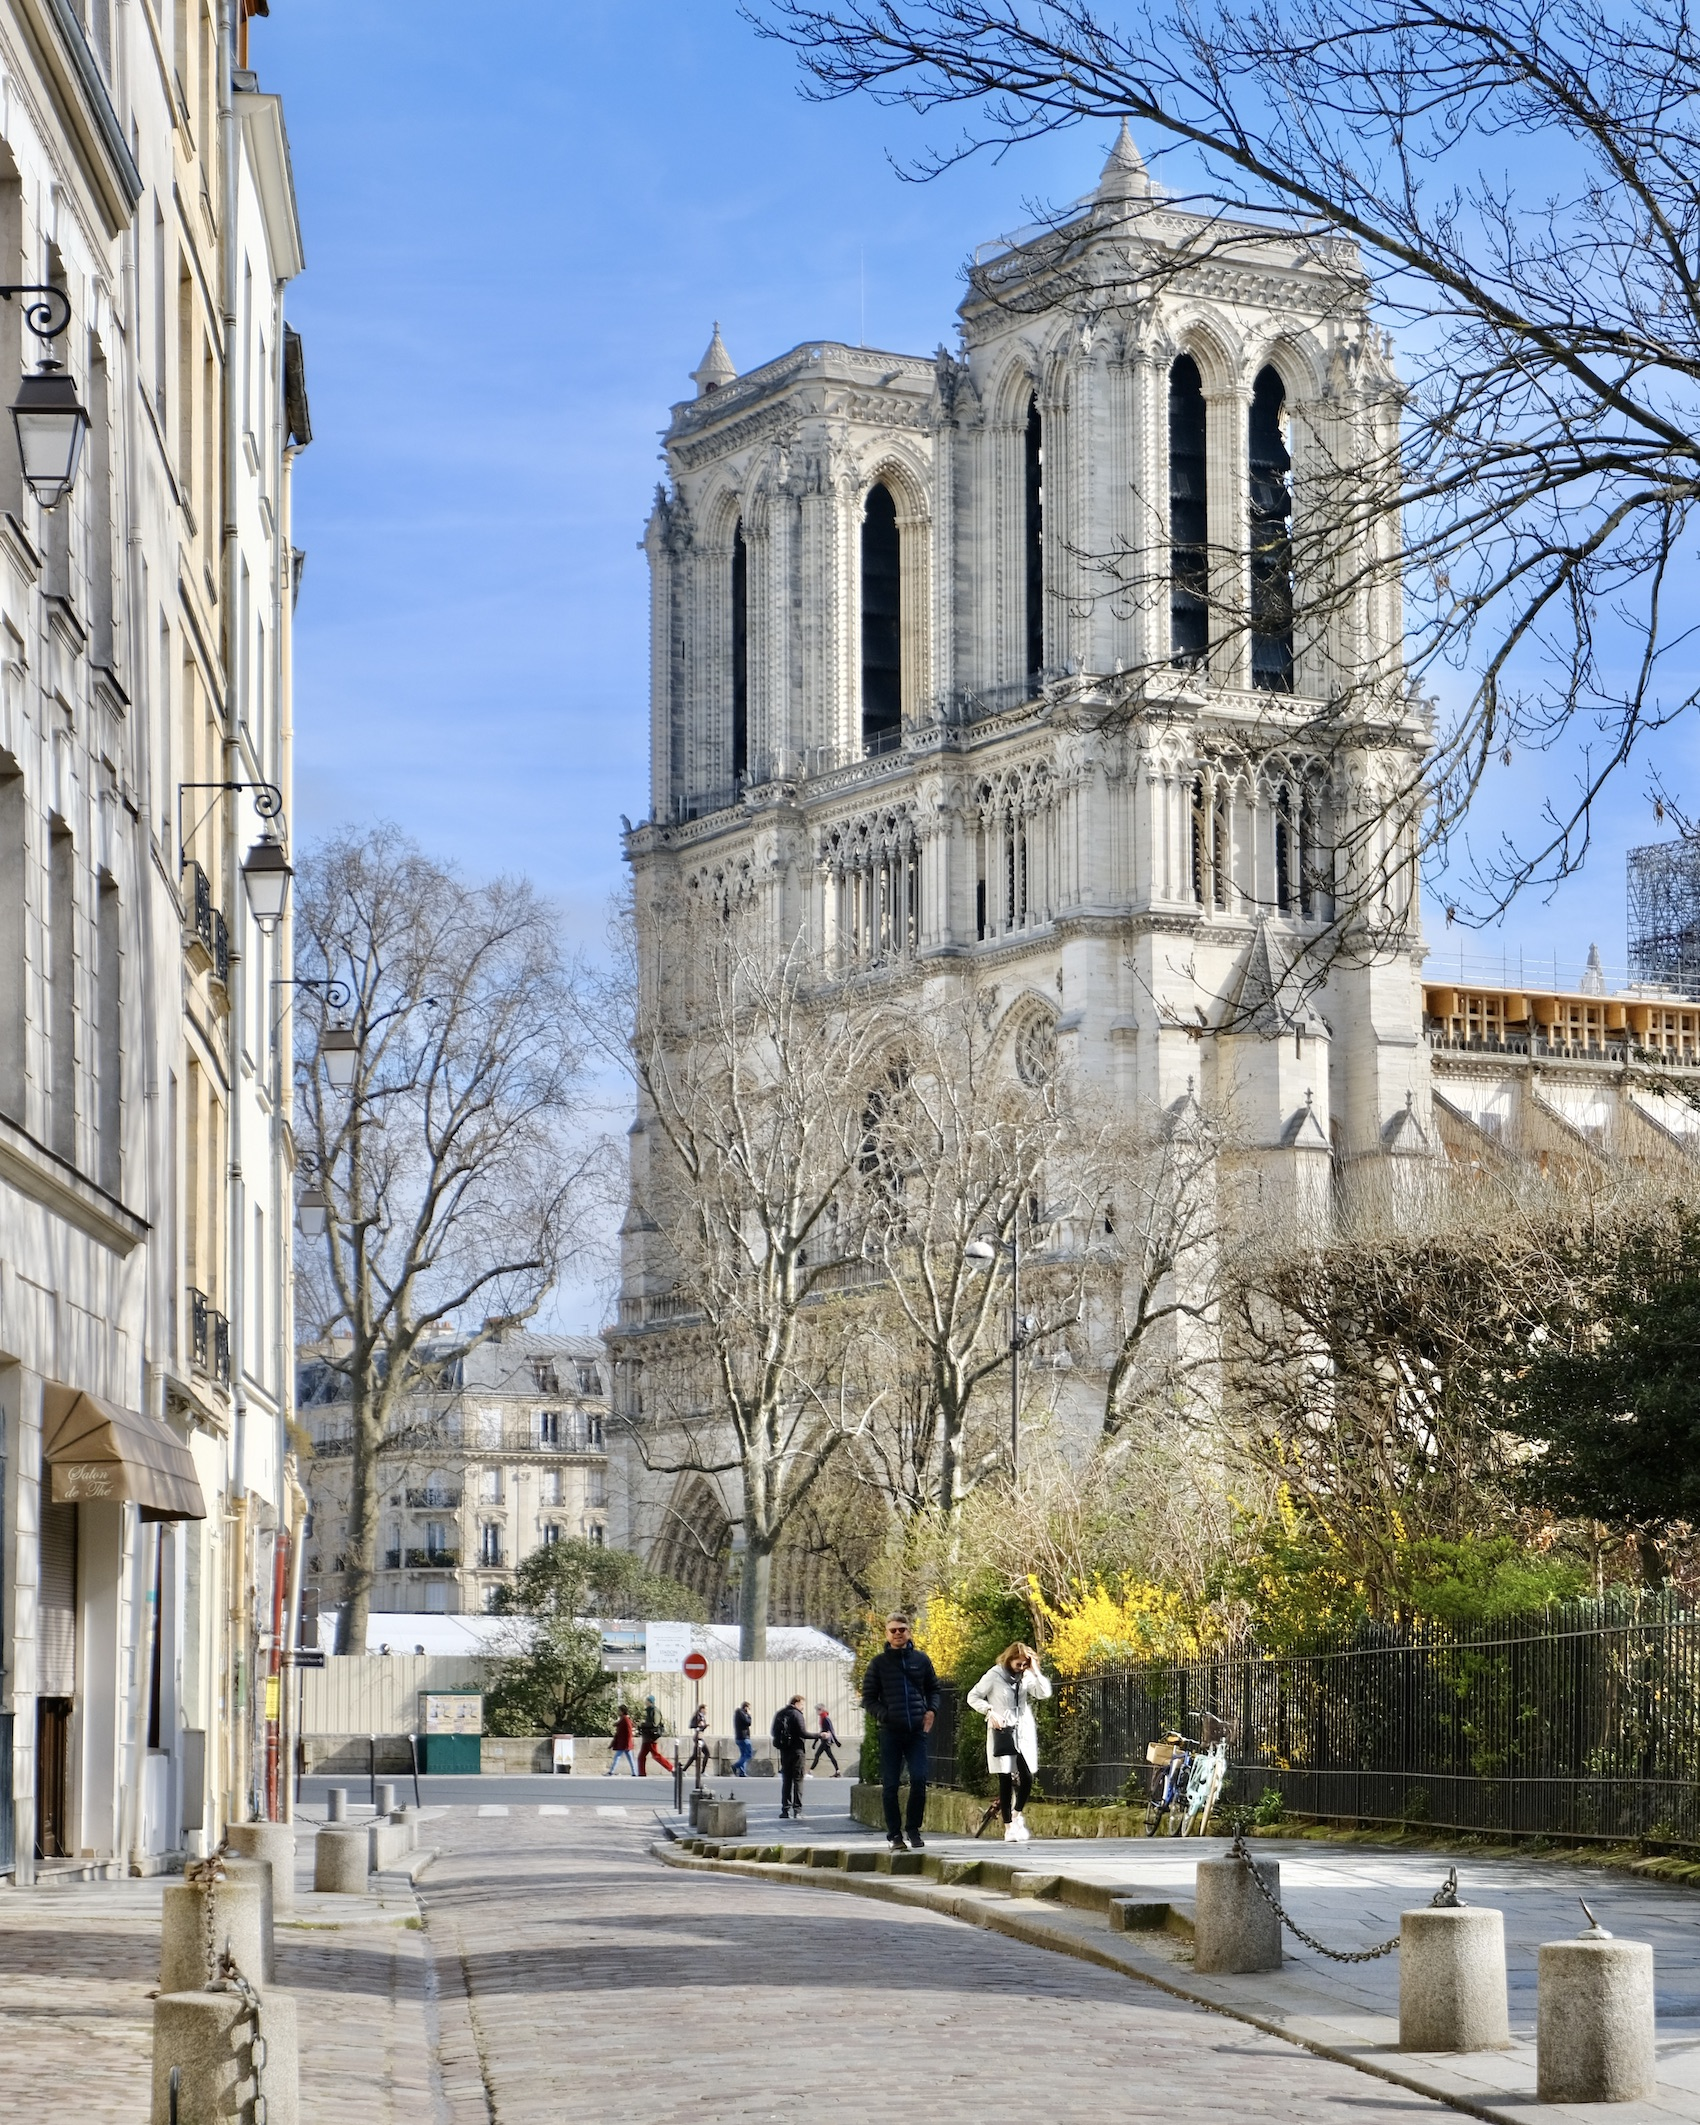 COVID-19 Lockdown in Paris Notre Dame